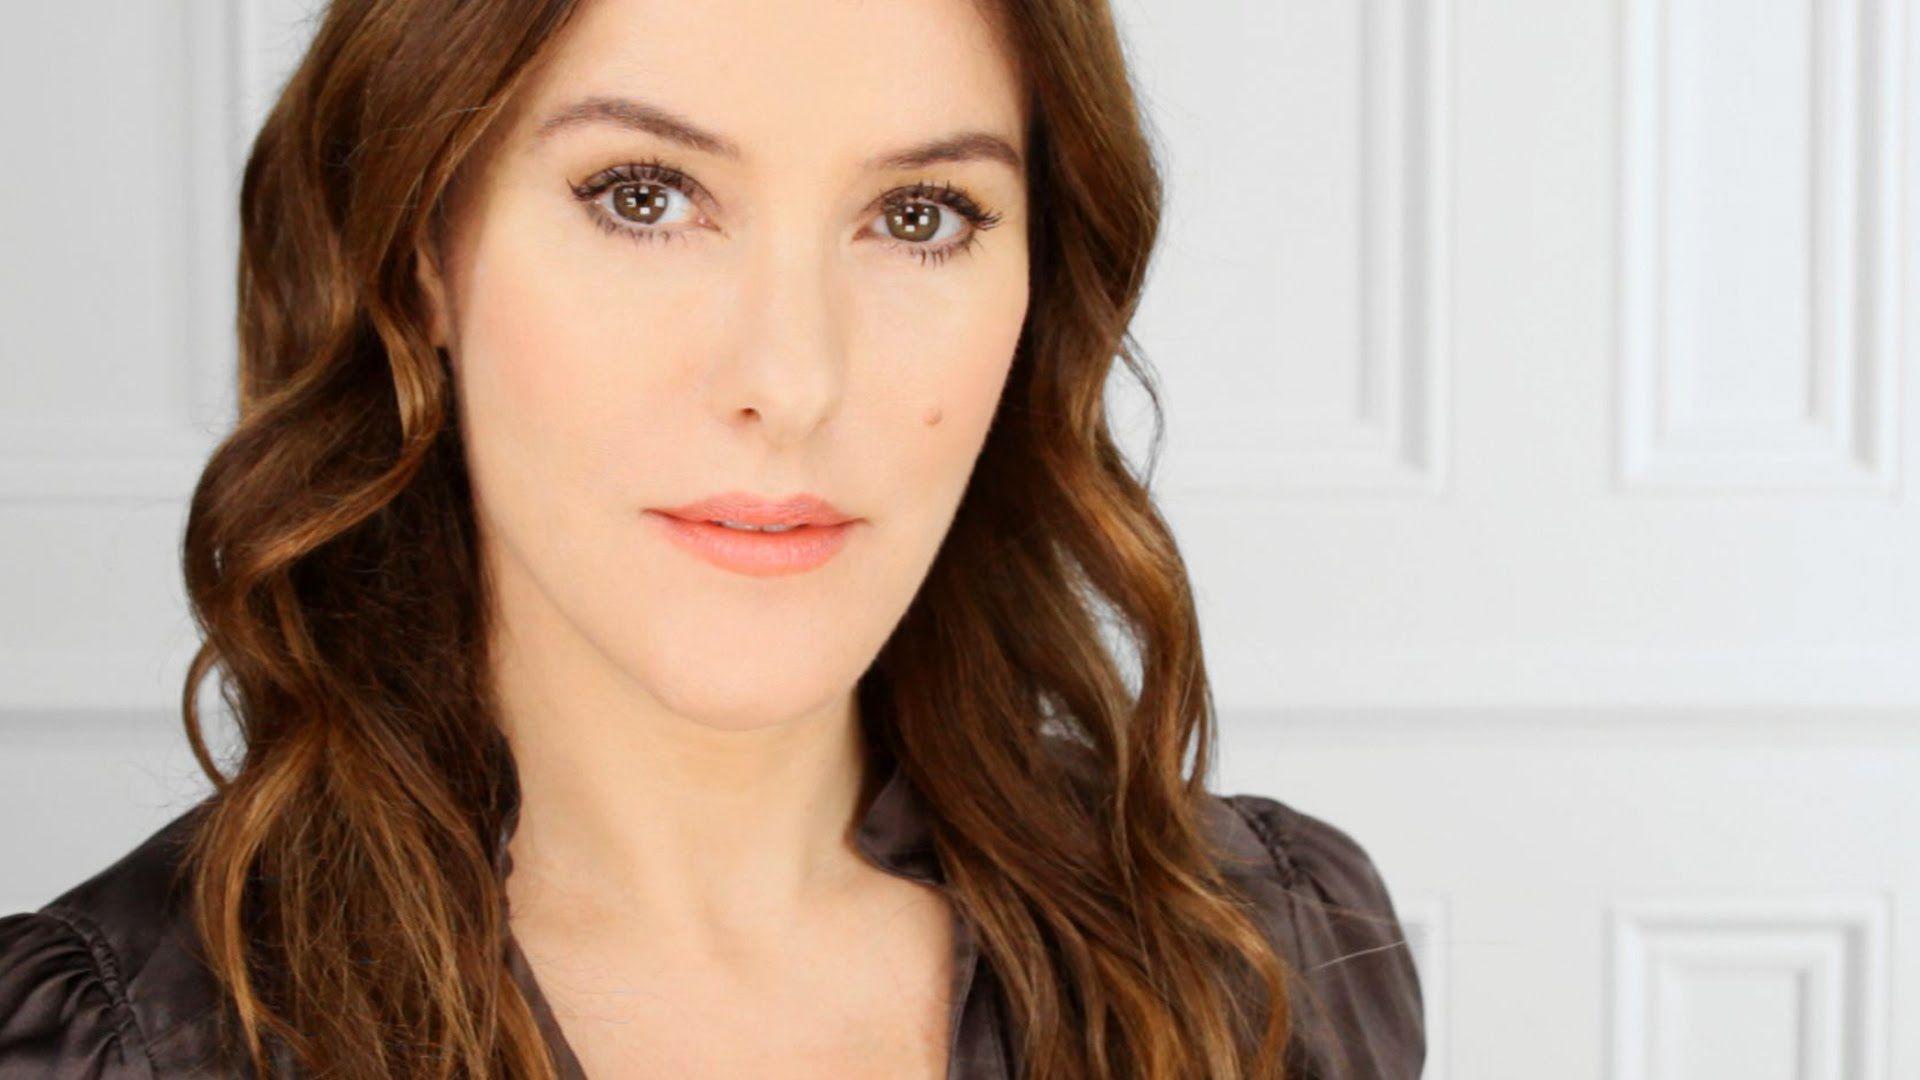 Confidence boosting makeup by Lisa Eldridge with Lancôme